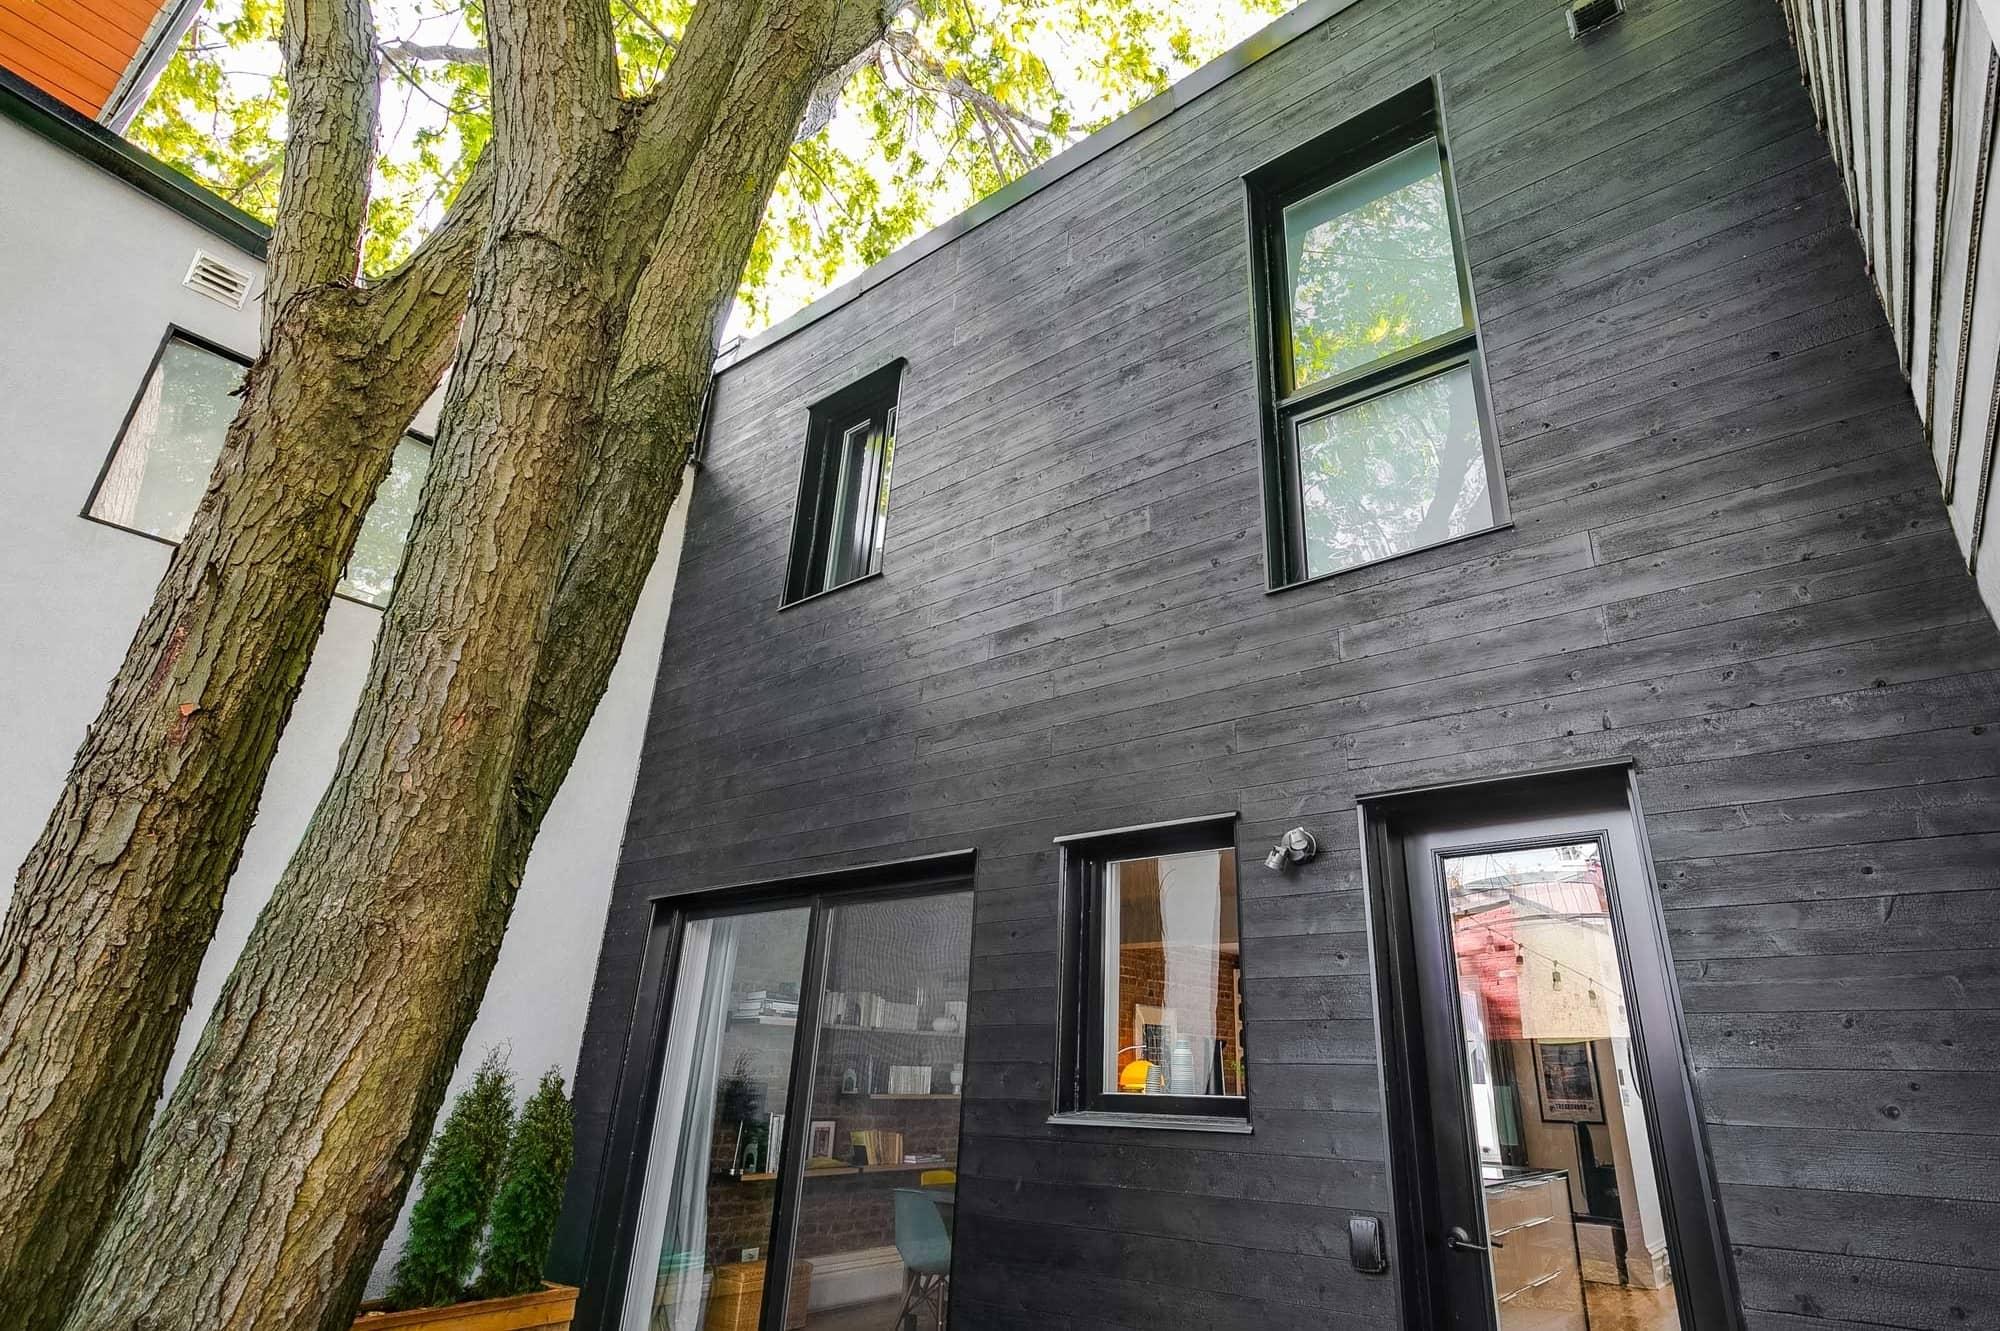 porte et fenêtres + revêtement extérieur en bois noir